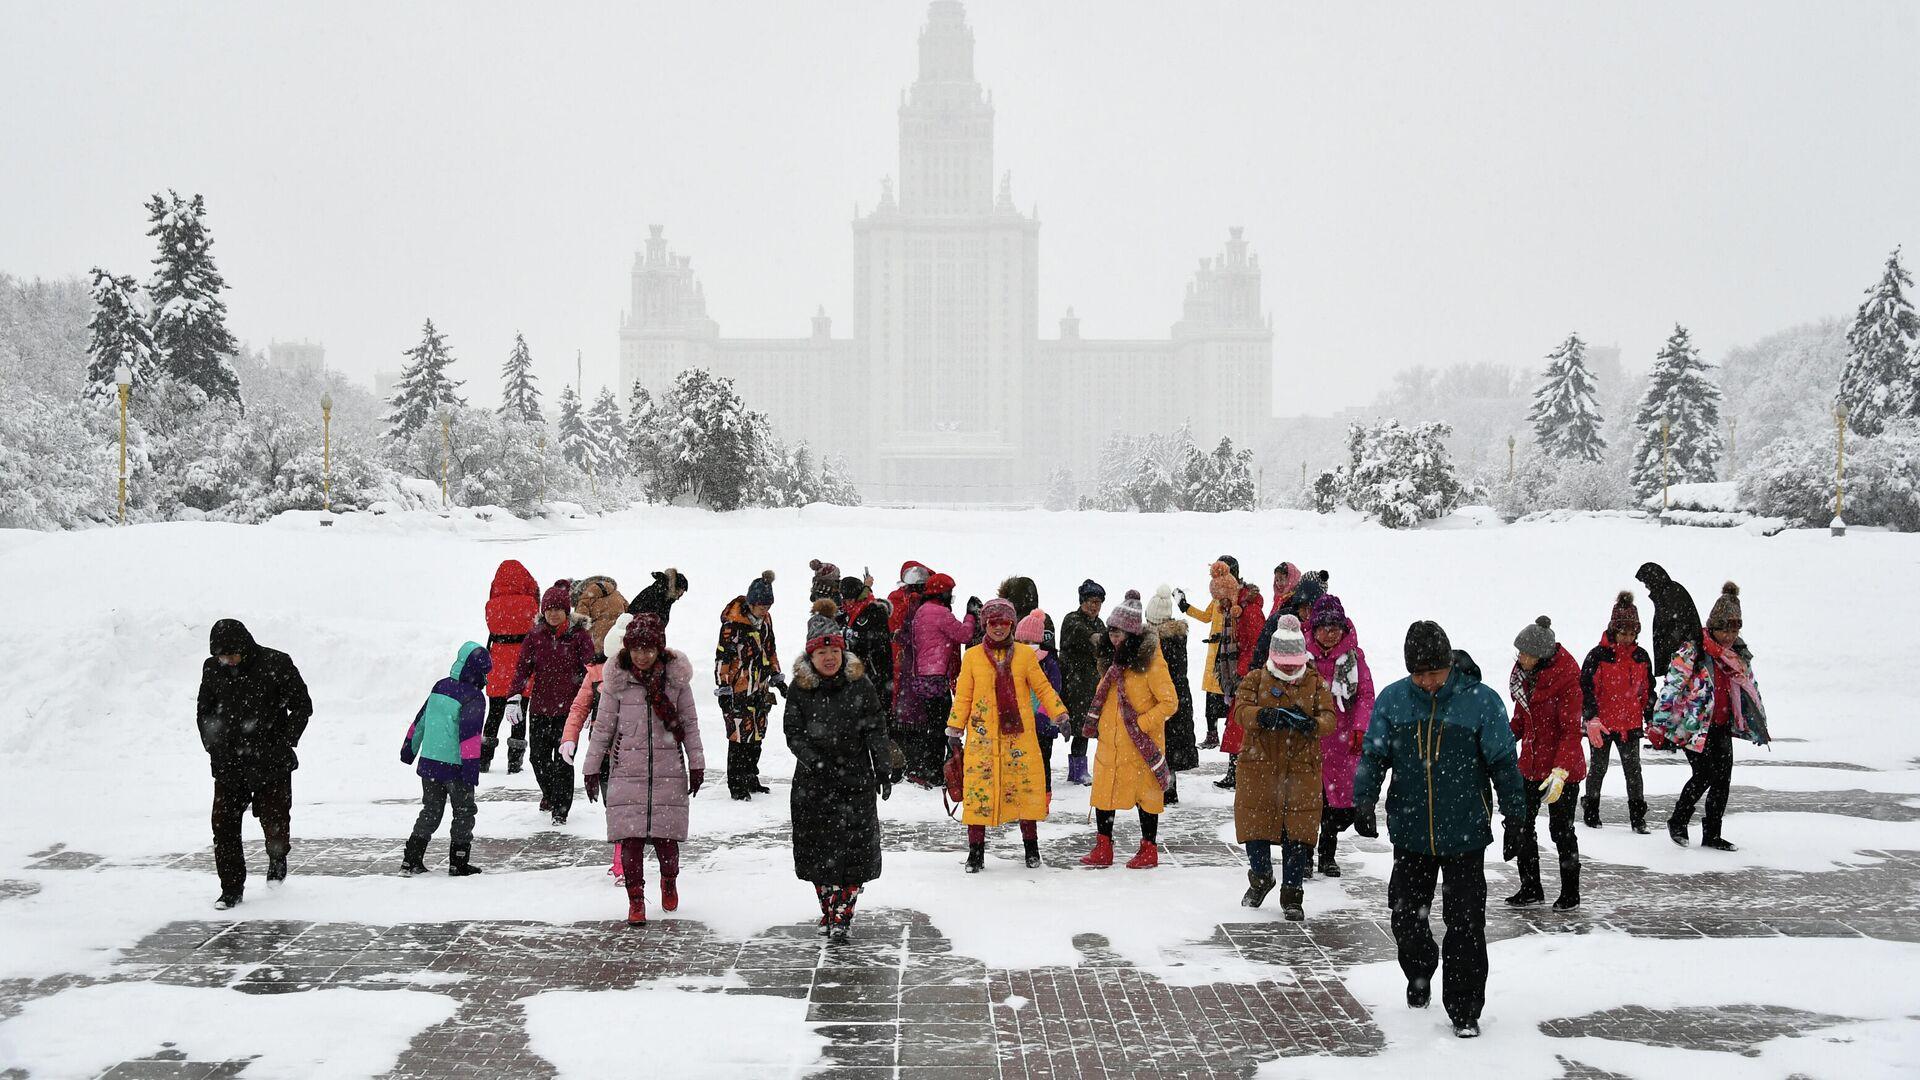 Туристы на Аллее ученых возле смотровой площадки Воробьевых гор во время снегопада - РИА Новости, 1920, 01.12.2020